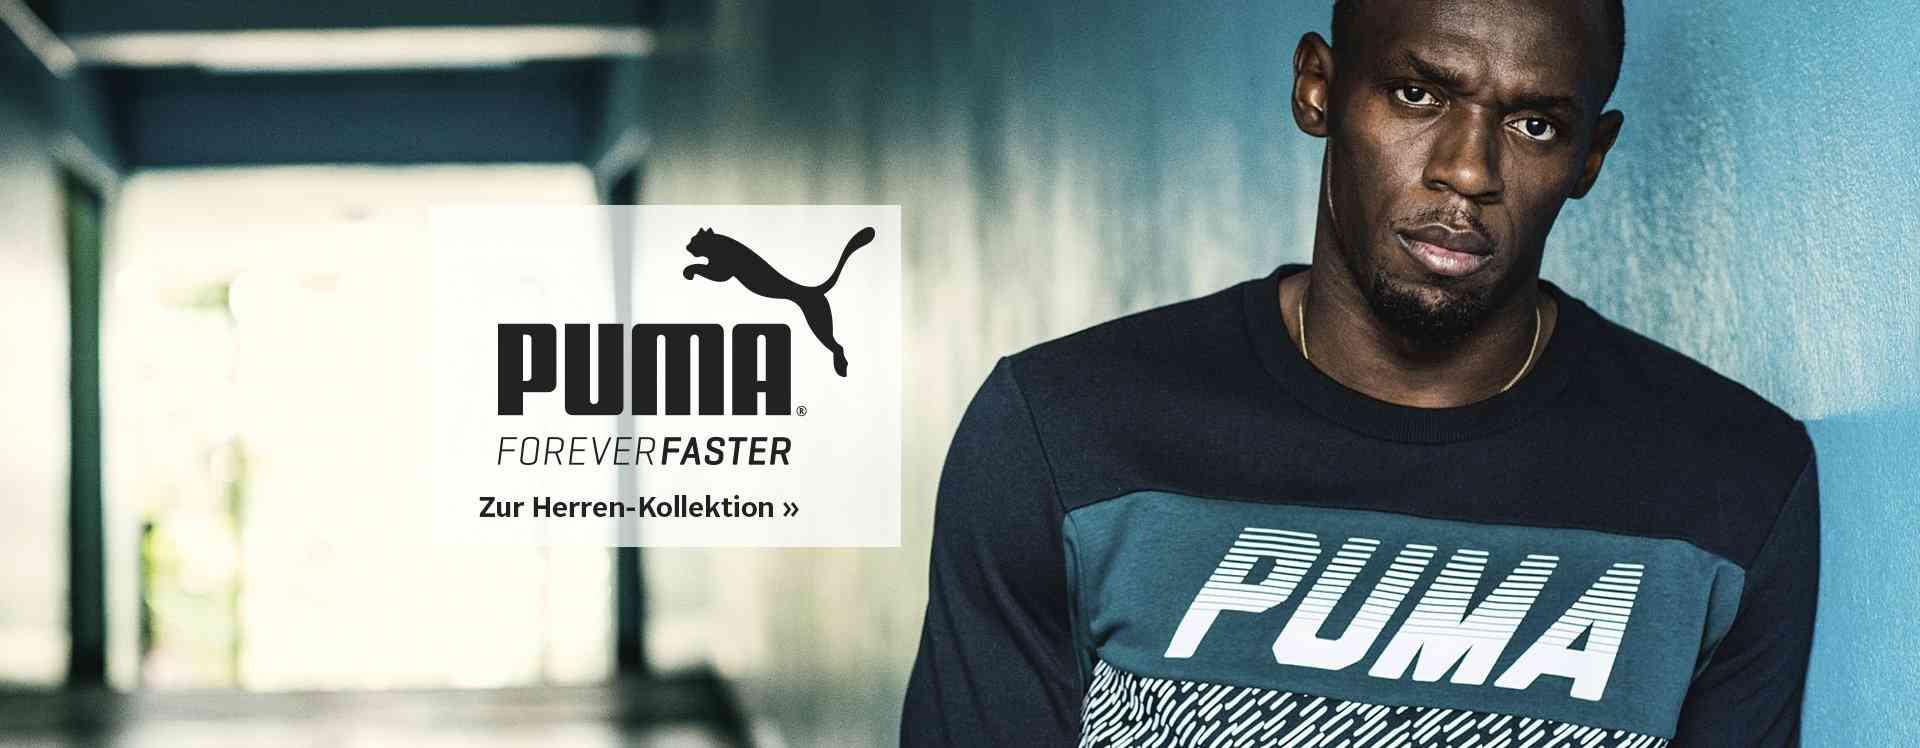 Puma Sportmode, Schuhe und mehr für IHN - jetzt entdecken!